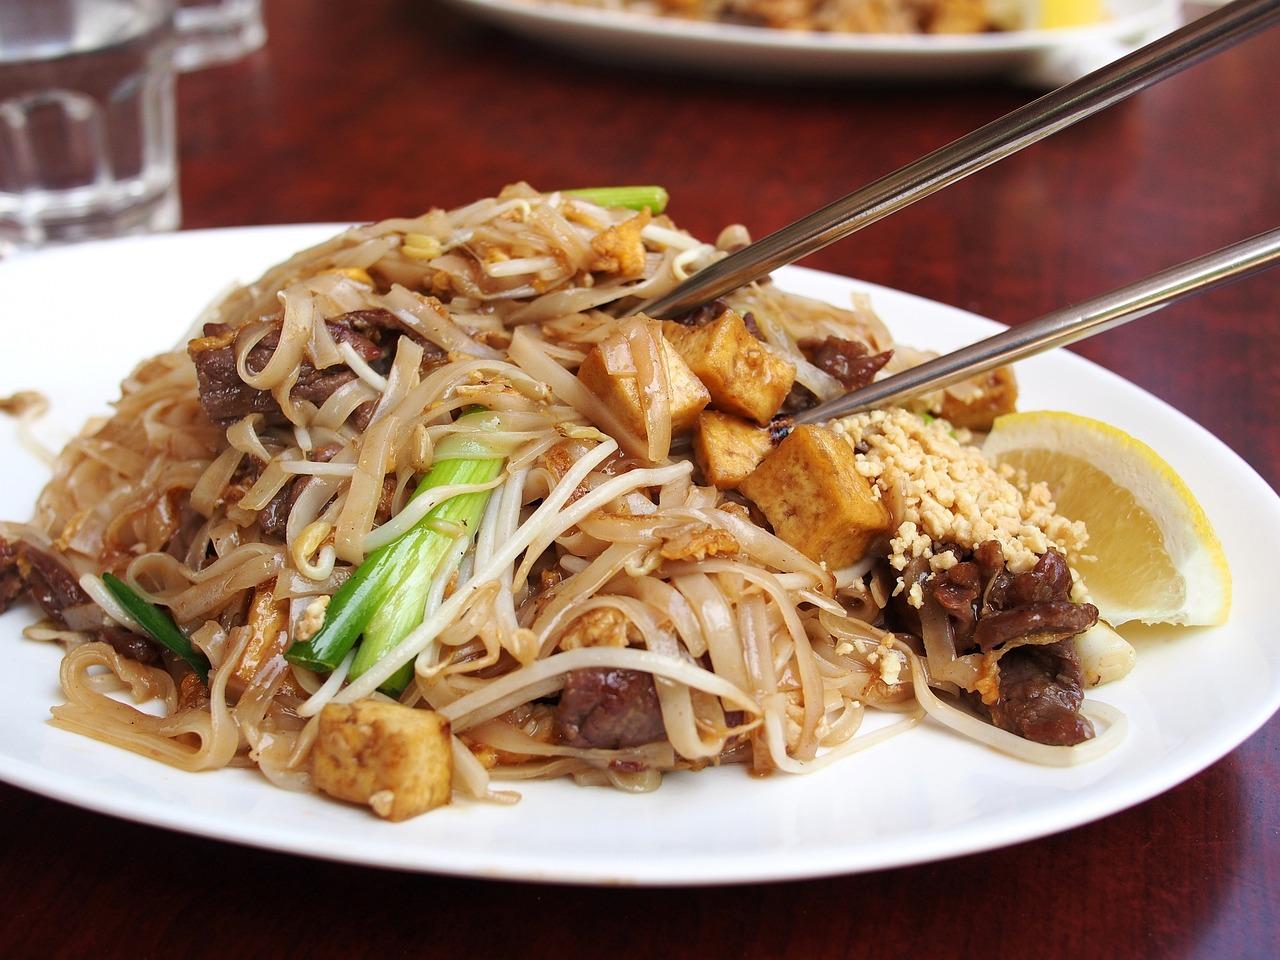 Thai food 518035 1280